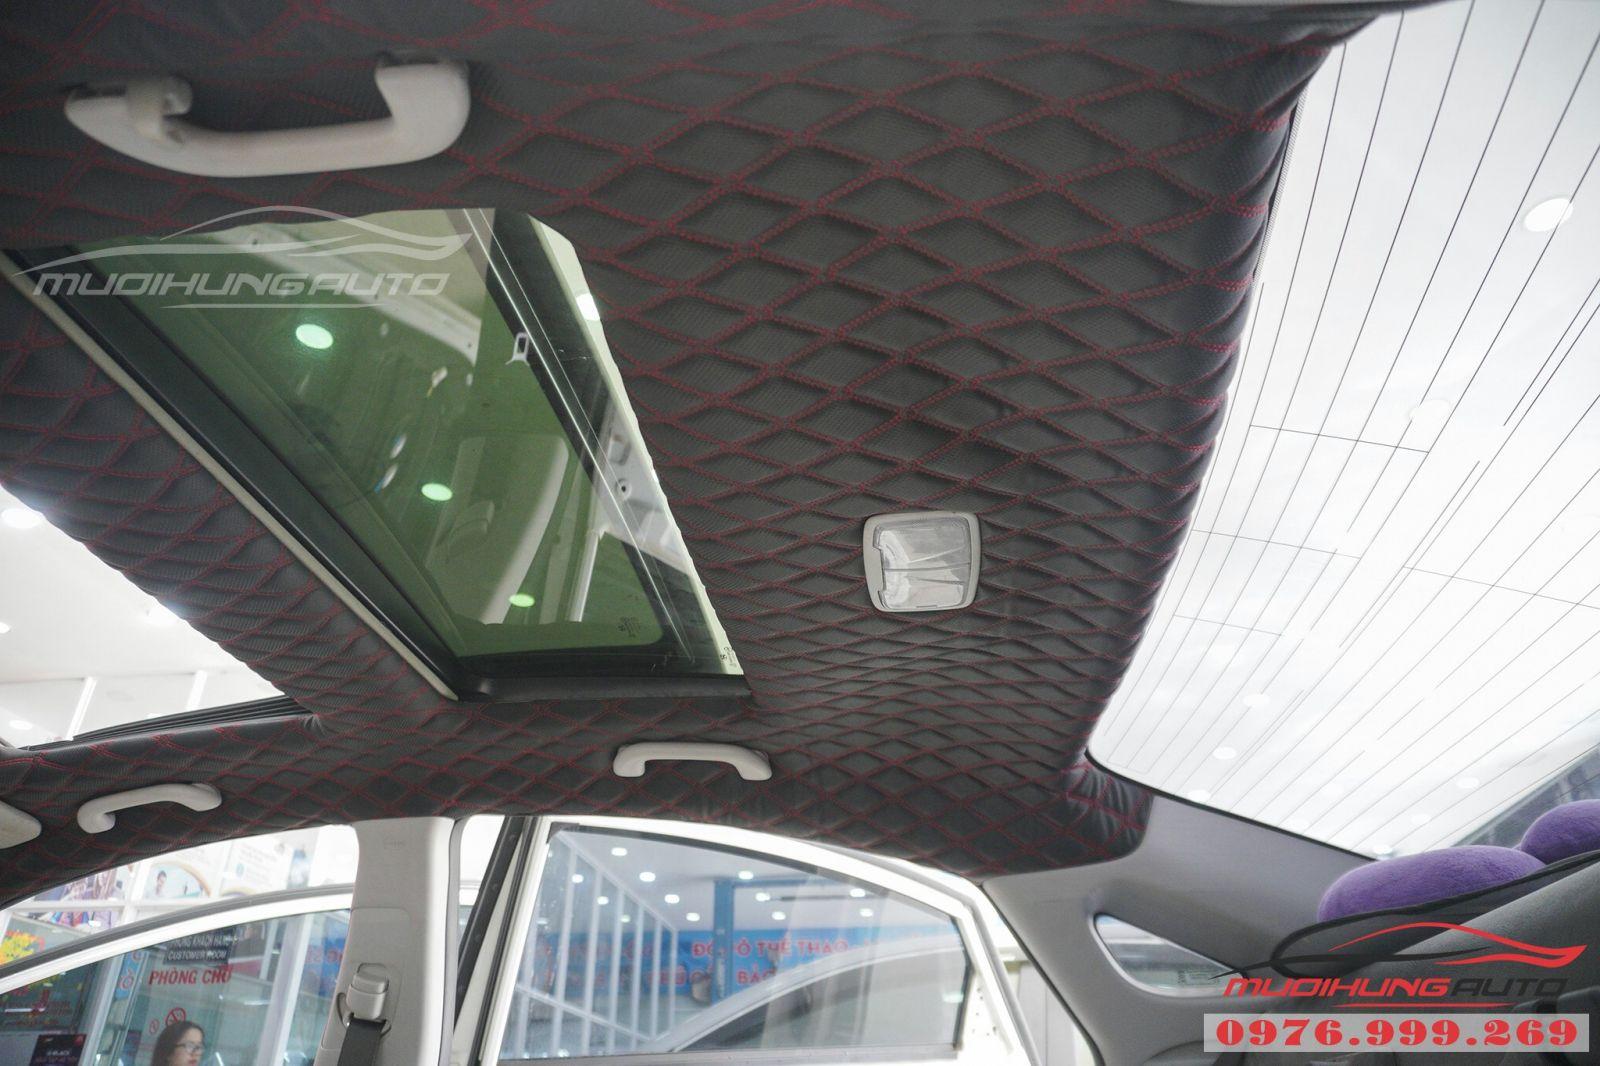 Bọc trần 5D cho Hyundai Sonata cao cấp 08